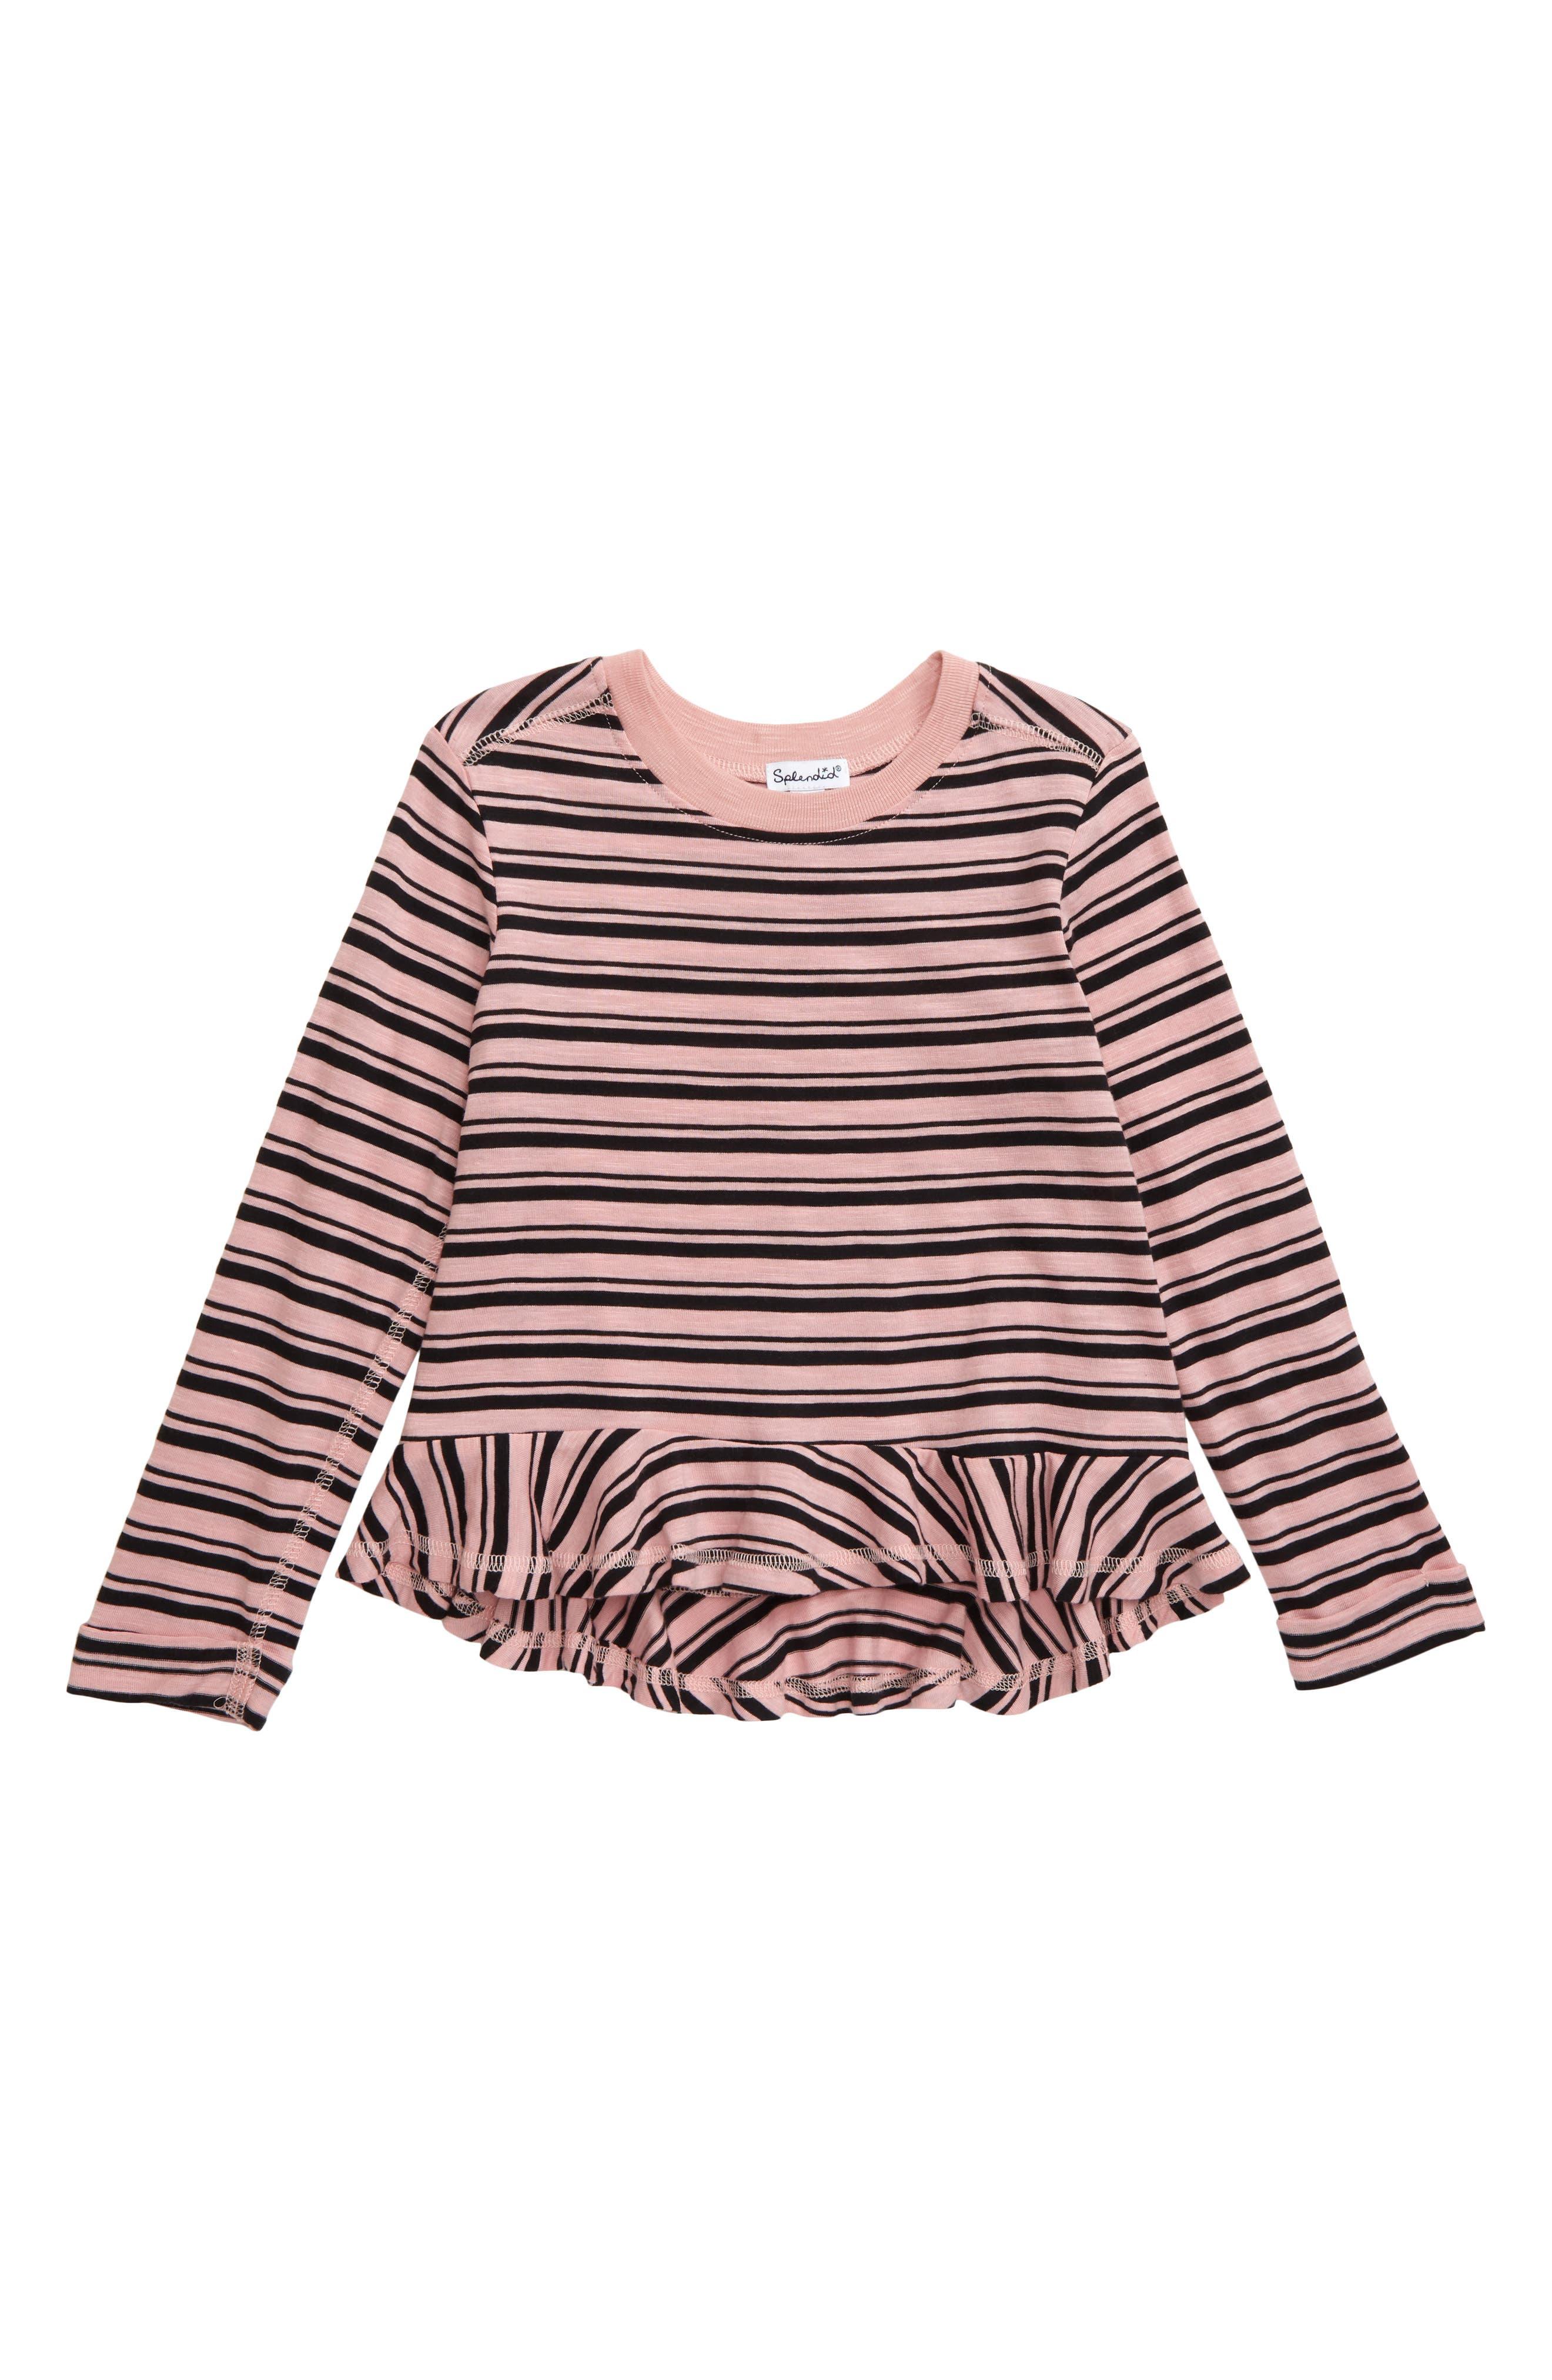 Toddler Girls Splendid Stripe Tee Size 4T  Pink